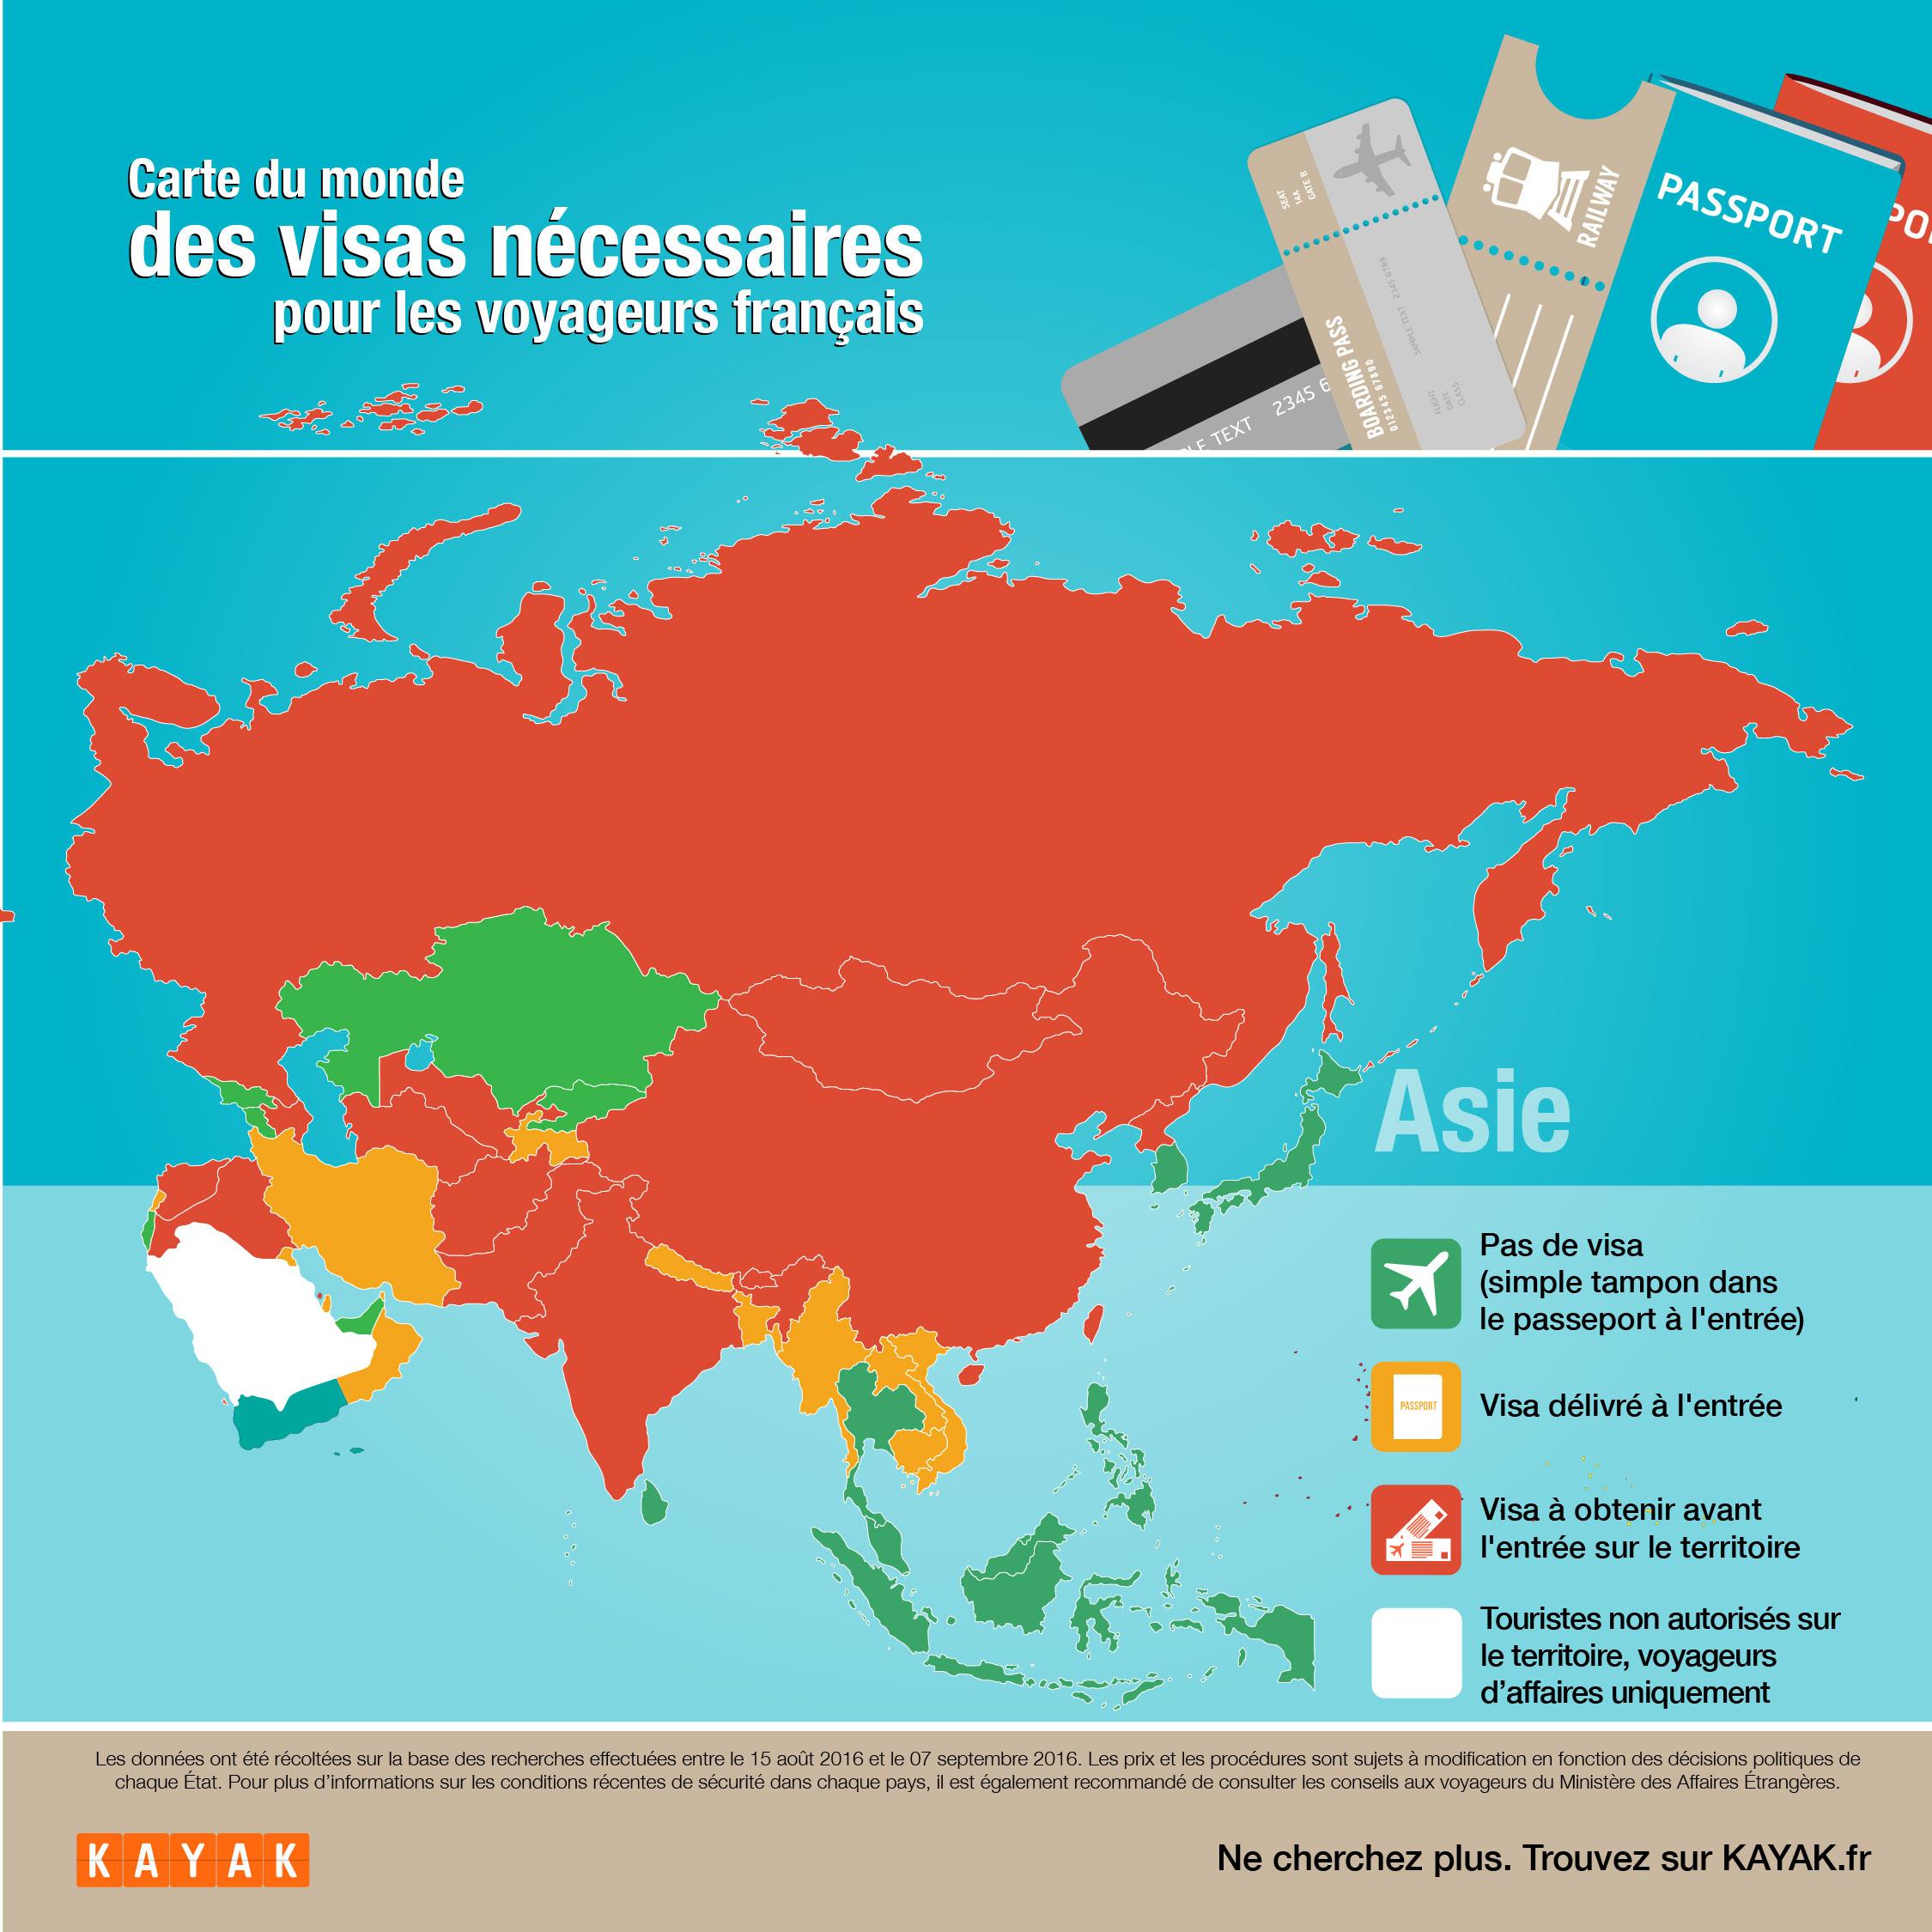 Carte Visa Asie.Passeport S Il Vous Plait Notre Carte Du Monde Des Visas